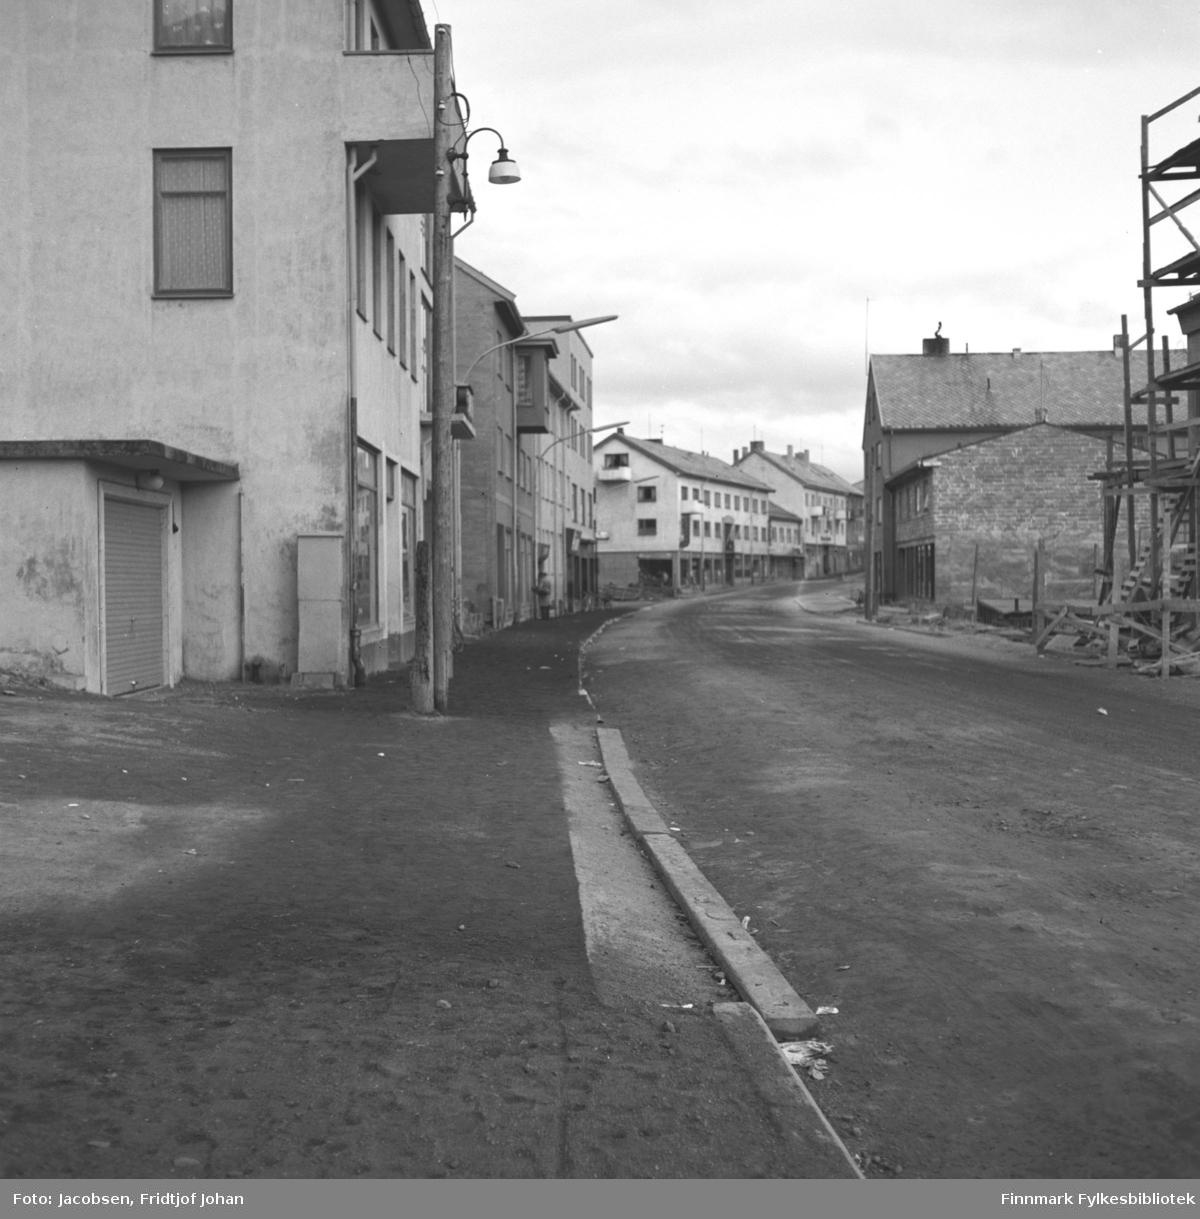 Strandgata i Hammerfest. Bygningen til venstre på bildet er Shellgården, tredje hus fra venstre er Finnmarkens Privatbank, DNB i dag, fjerde bygg på venstre side er G. Hagen og femte er Finnmark Dagblad og siste bygg på bildet er Lingengården. På høyre side er Samvirkelaget under bygging. Bygning nummer tre på høyre side er Finnmarksbo. Strandgata har grusdekke og el-stolper står med jevne mellomrom langs fortauet.